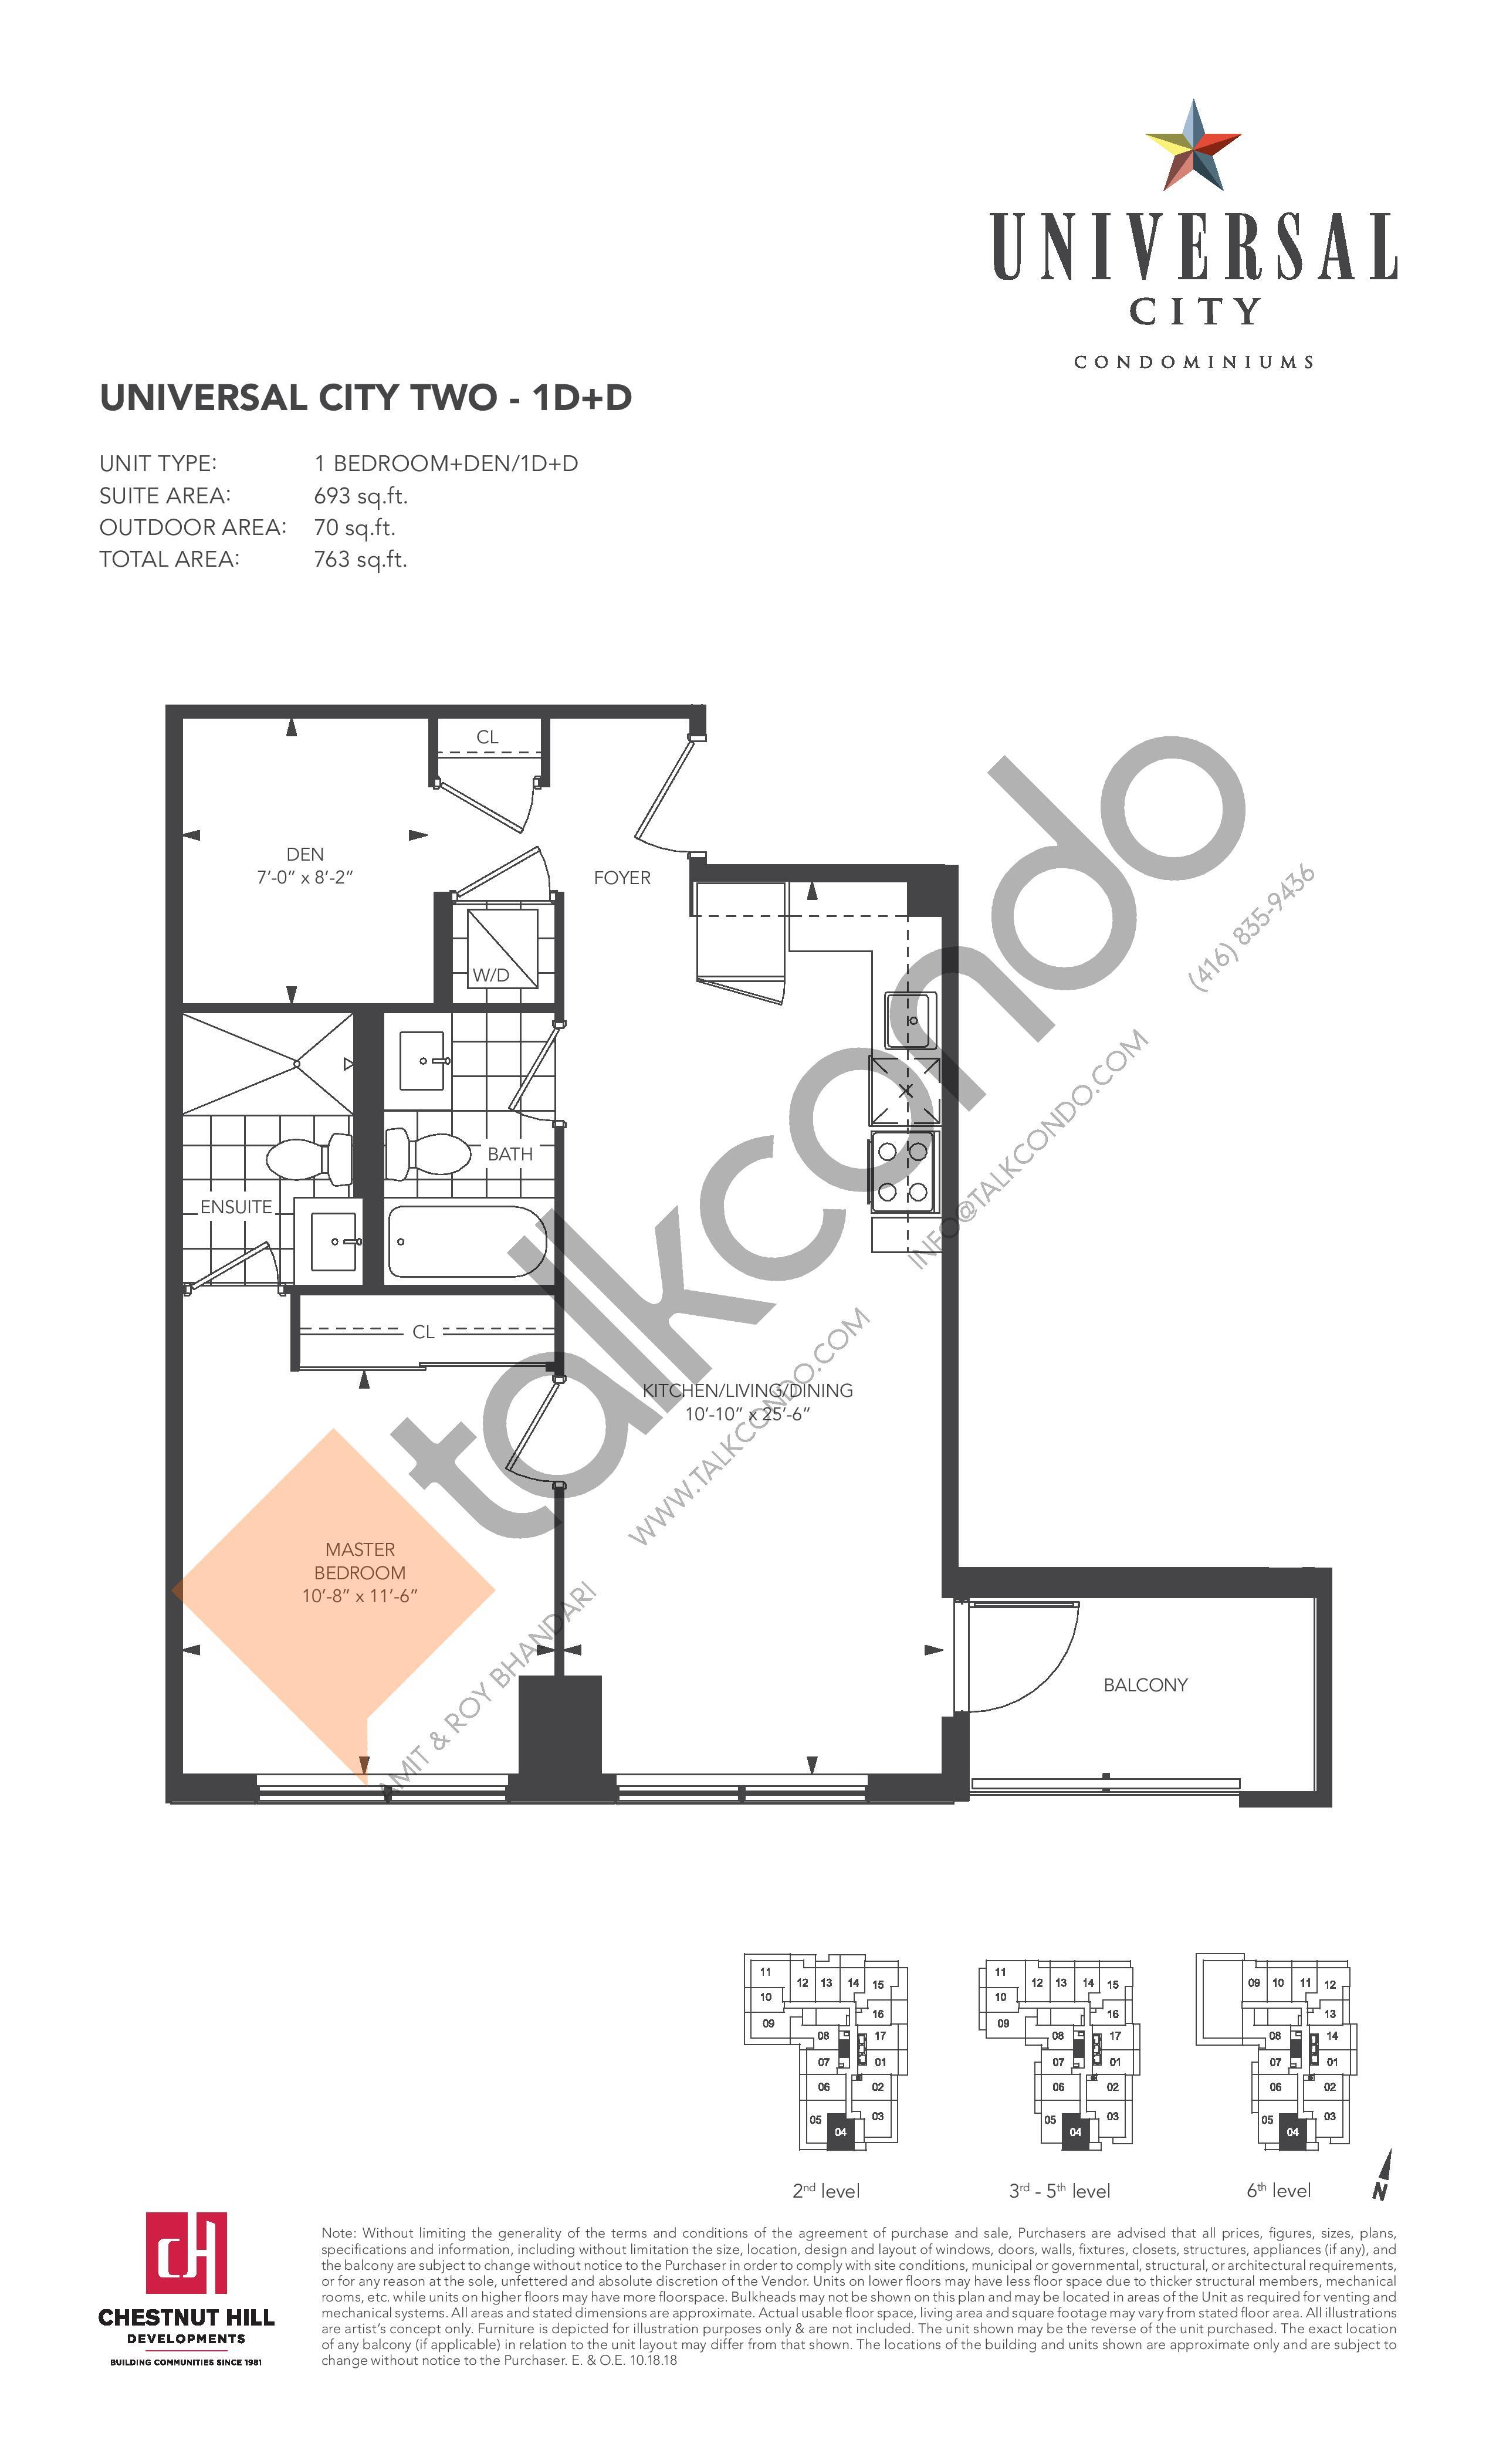 1D+D Floor Plan at Universal City 2 Condos - 693 sq.ft